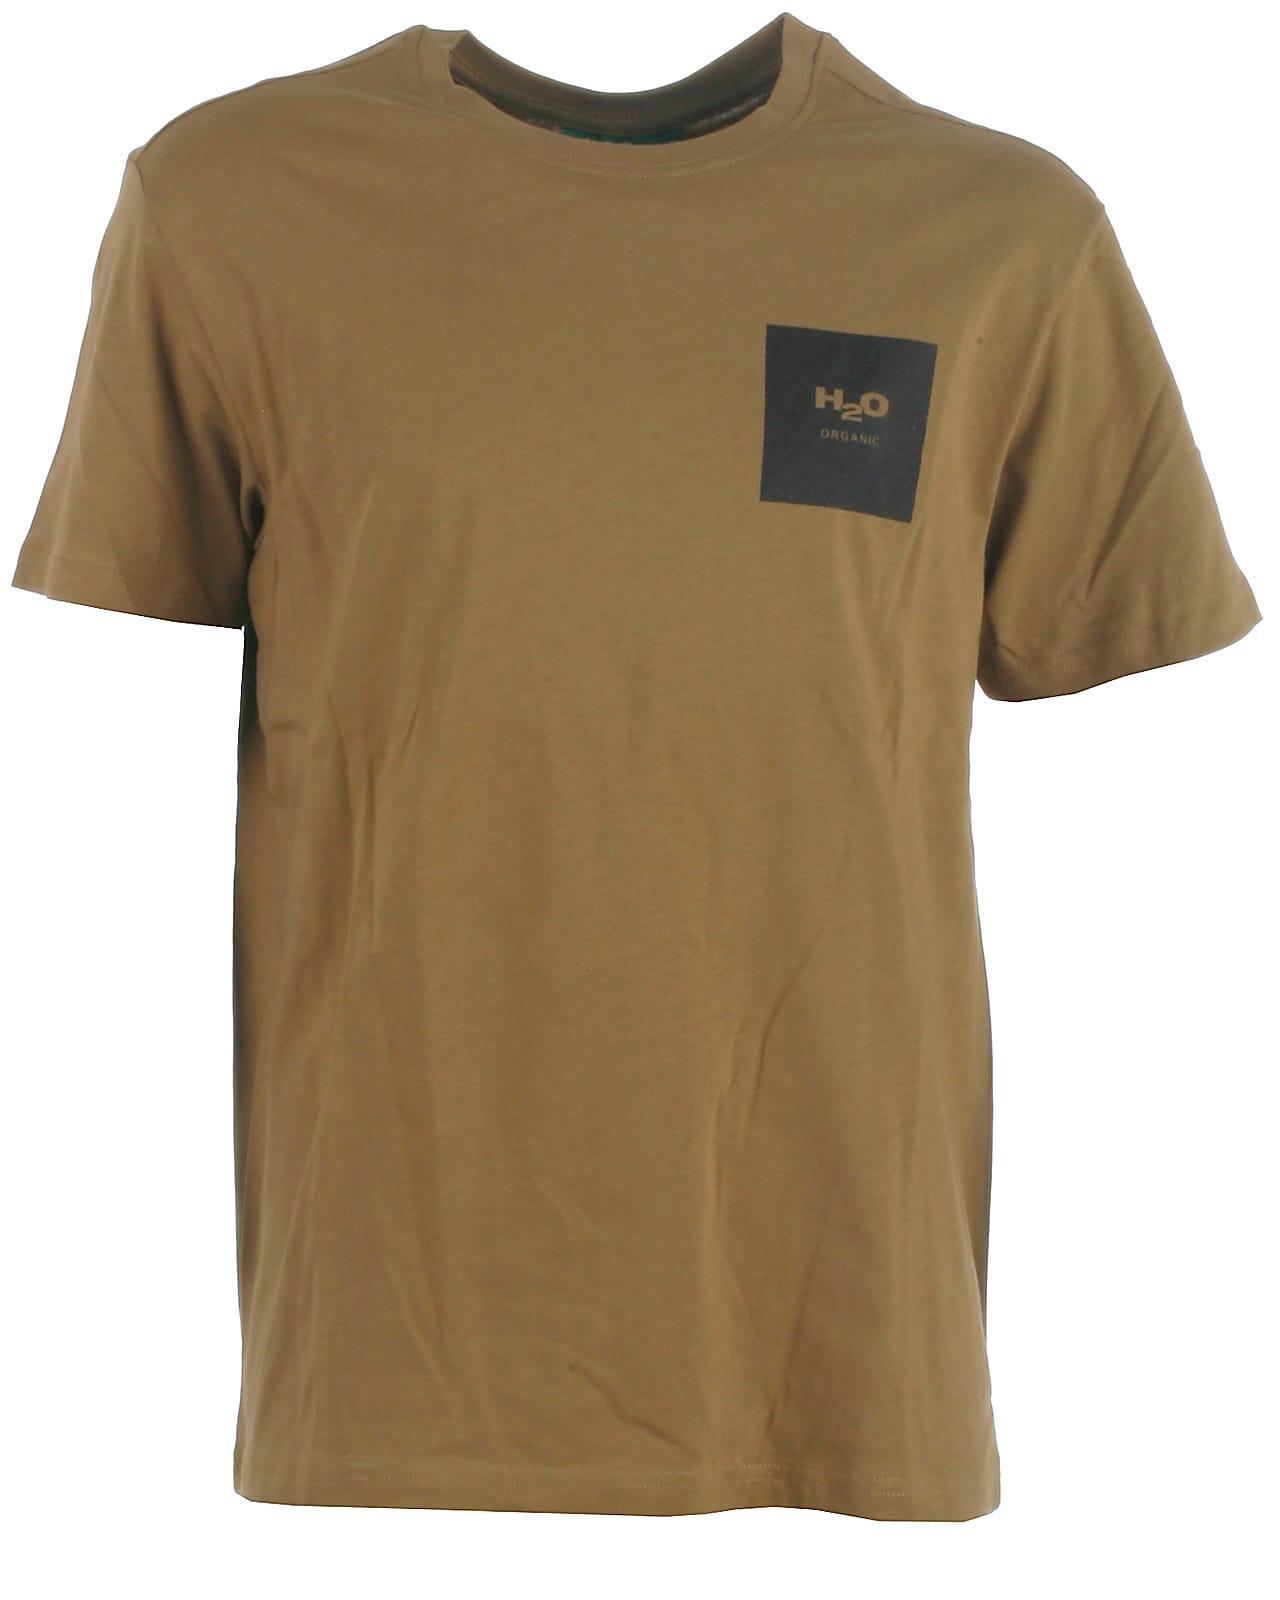 Image of H2O t-shirt s/s, Lyø, khakiblack